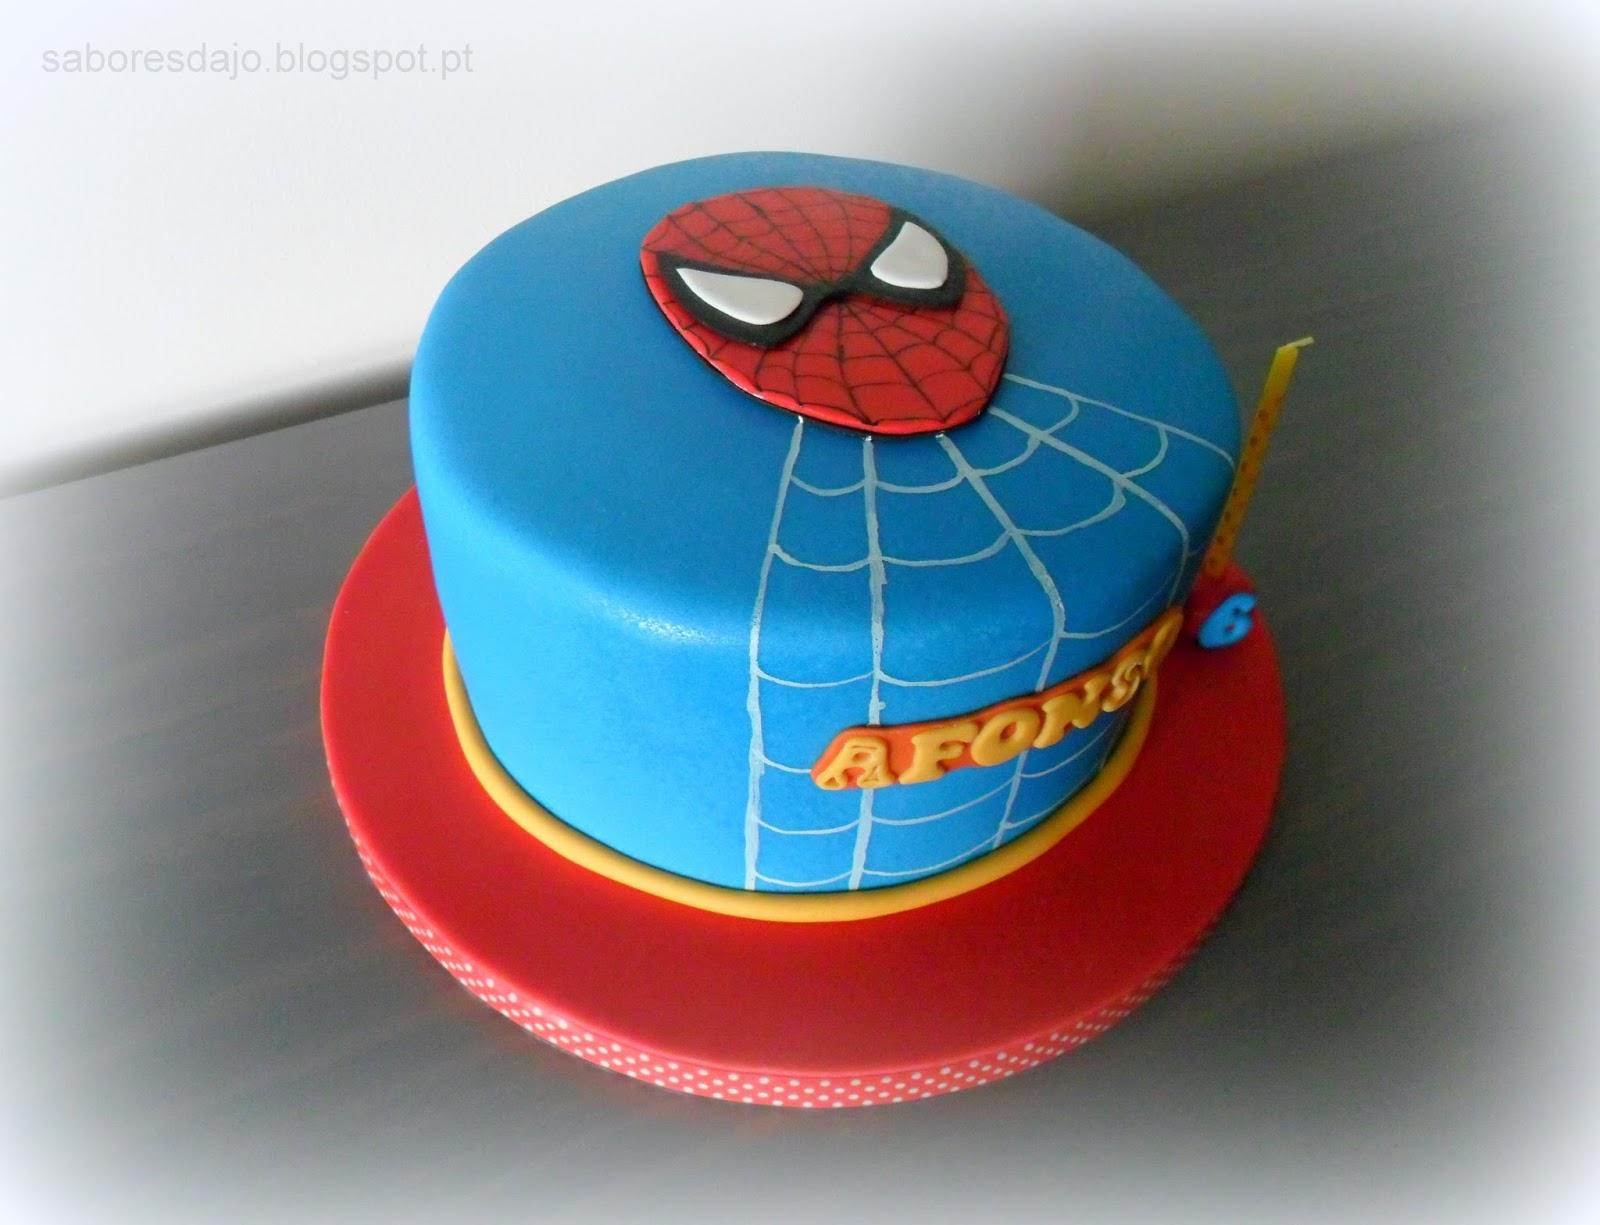 Sabores da jo bolo e bolachas com o tema homem aranha para bolo e bolachas com o tema homem aranha para celebrar os 6 anos do afonso altavistaventures Gallery